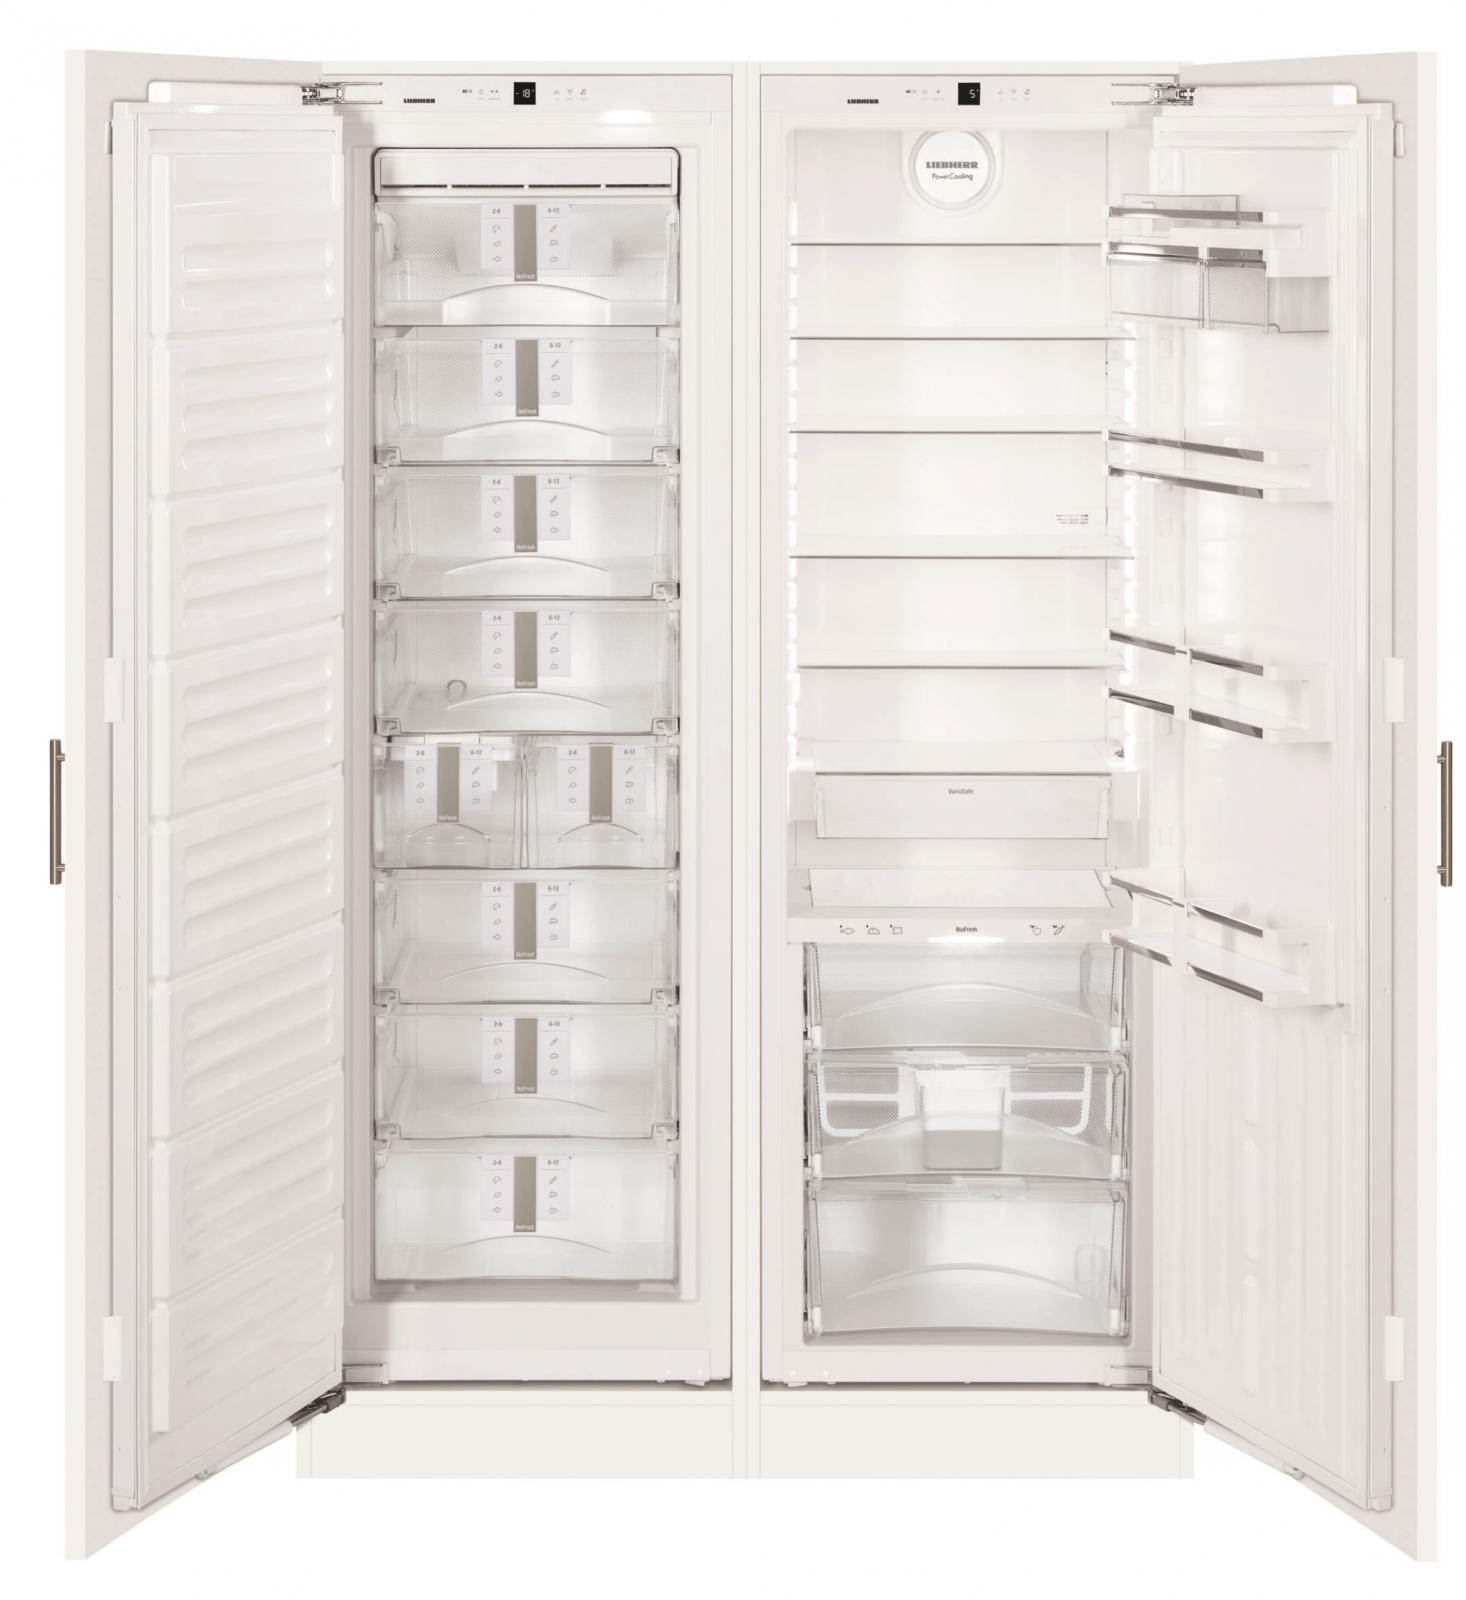 купить Встраиваемый холодильник Side by Side Liebherr SBS 70I4 21 Украина фото 1